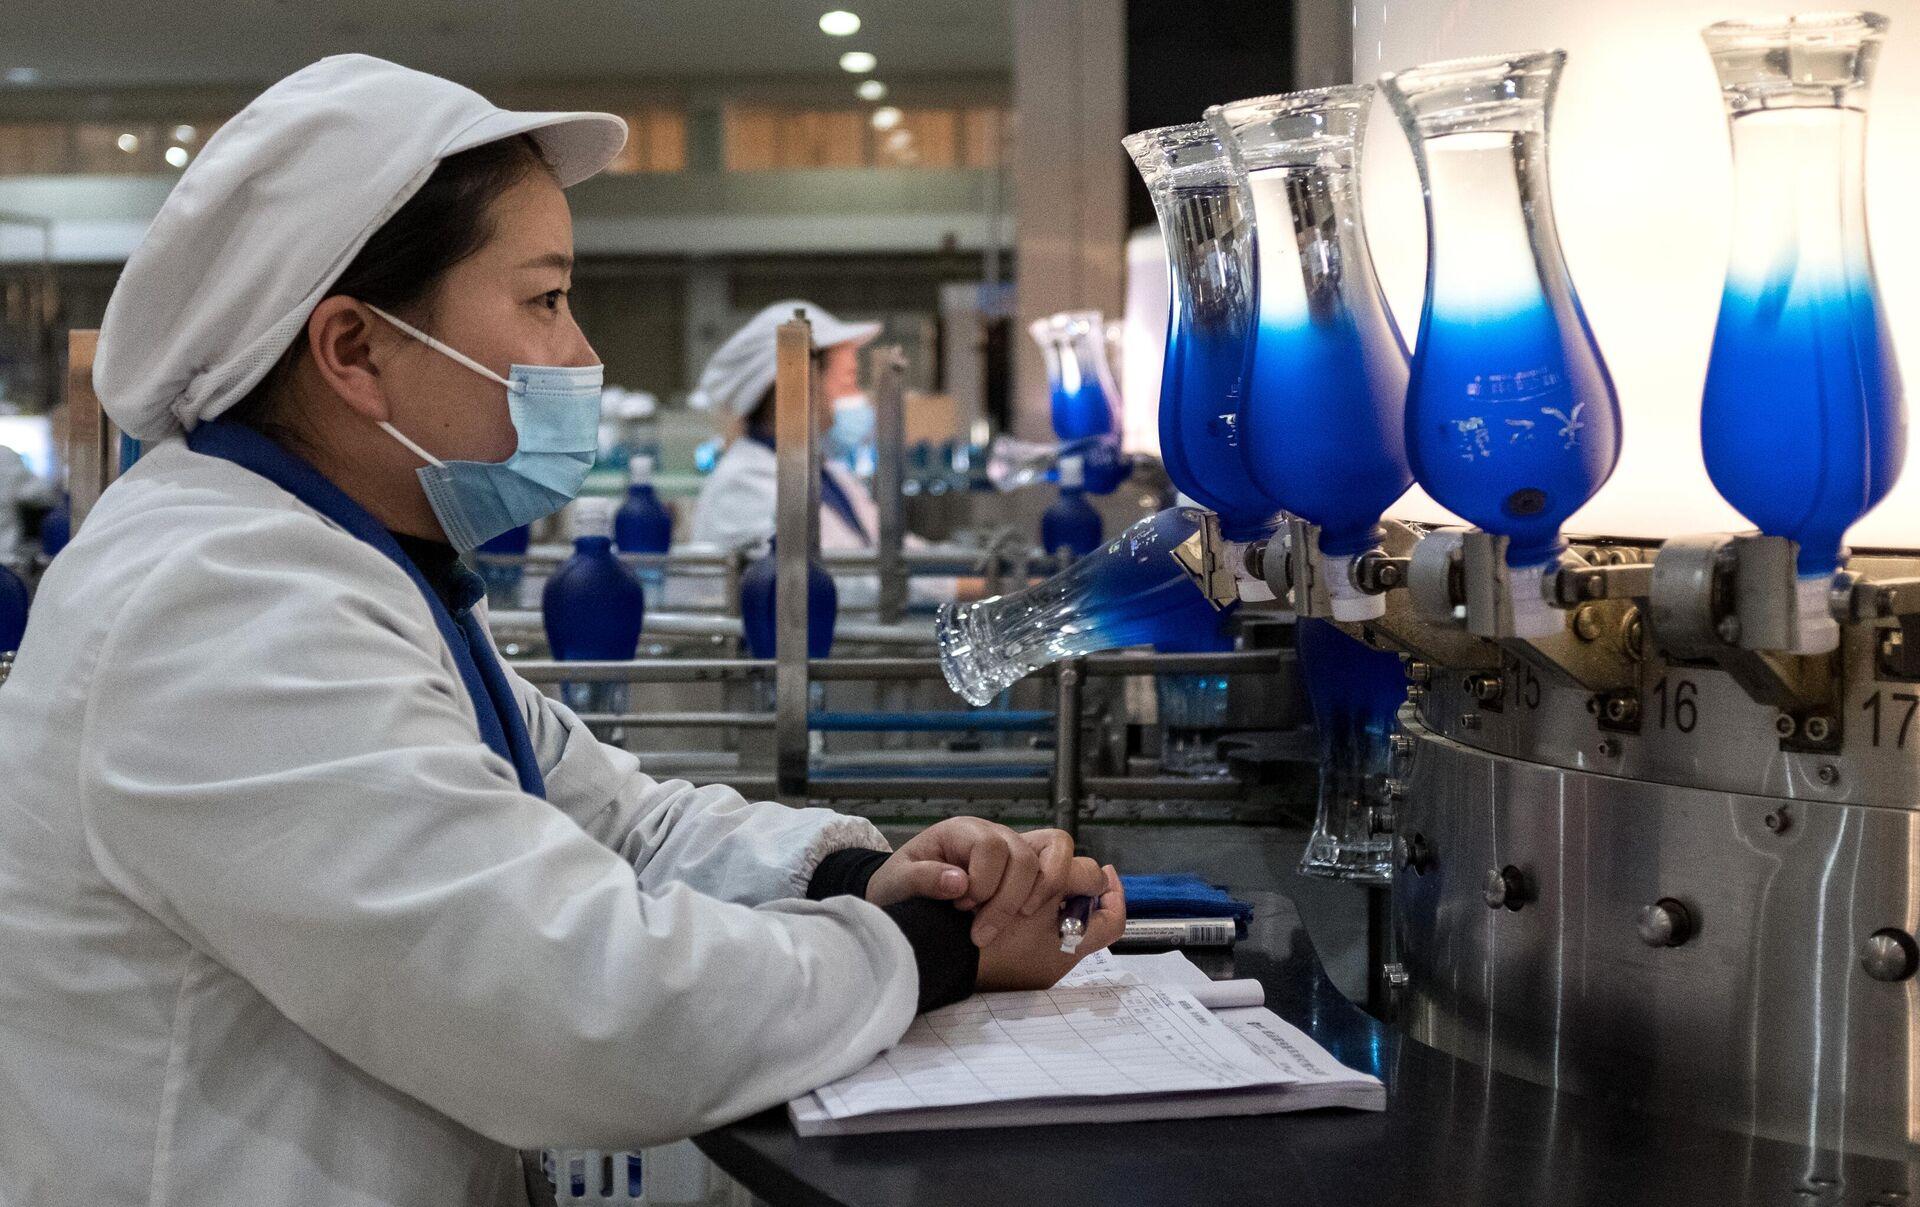 Сотрудница ликеро-водочного завода в городе Суцянь в провинции Цзянсу в Китае  - РИА Новости, 1920, 28.04.2021